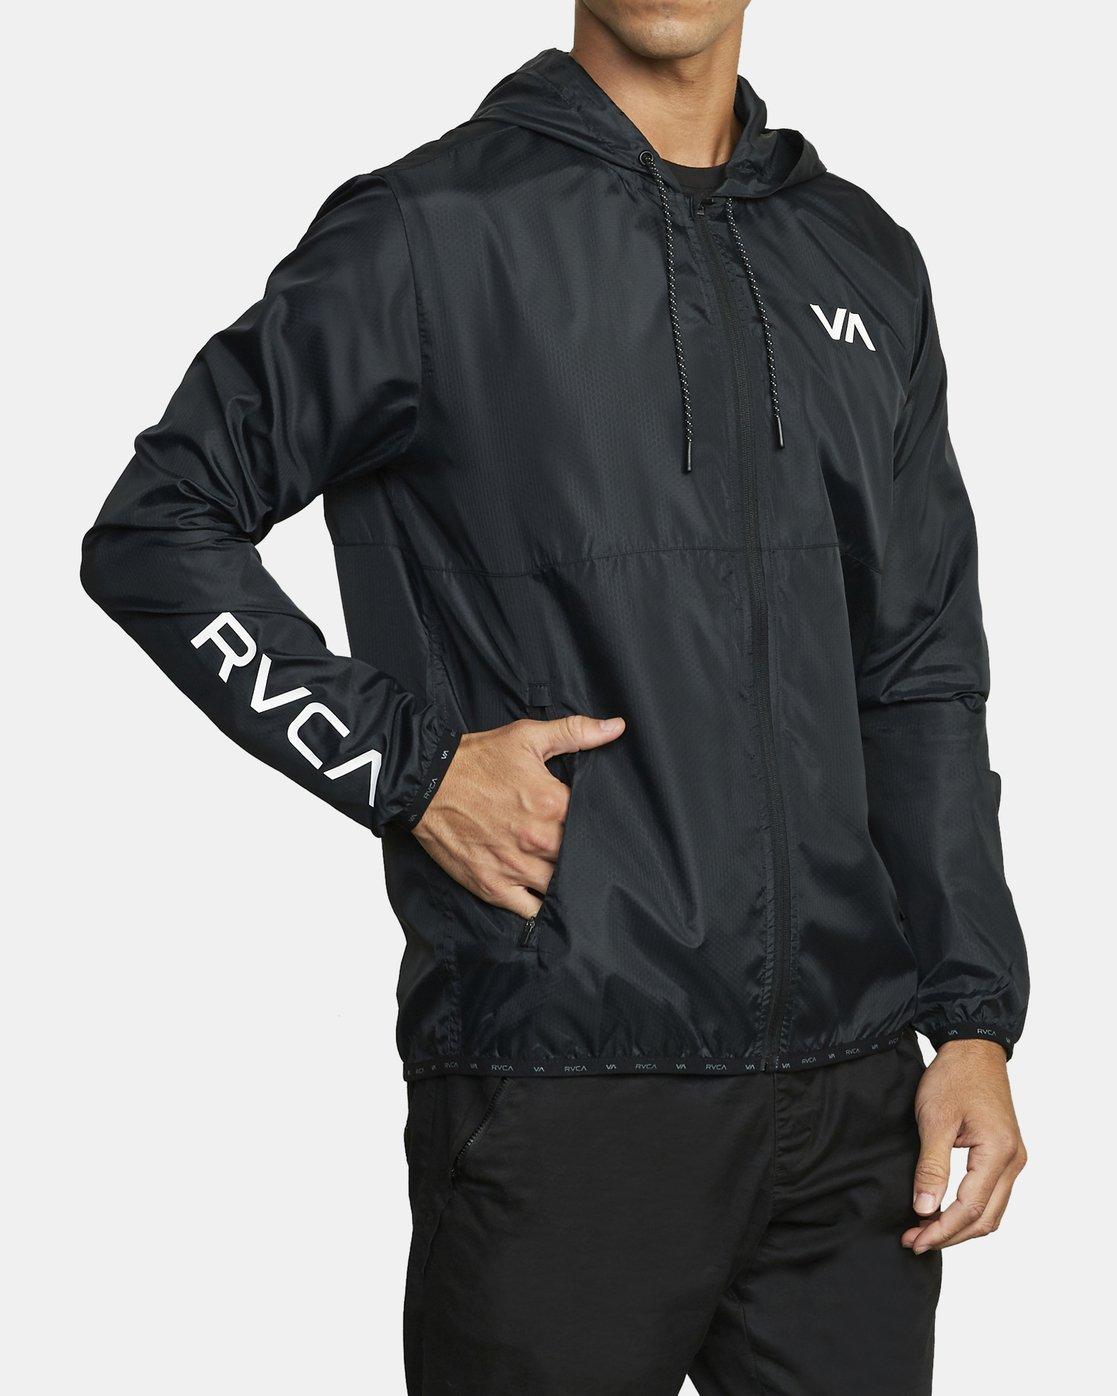 RVCA mens Hexstop V Jacket Windbreaker